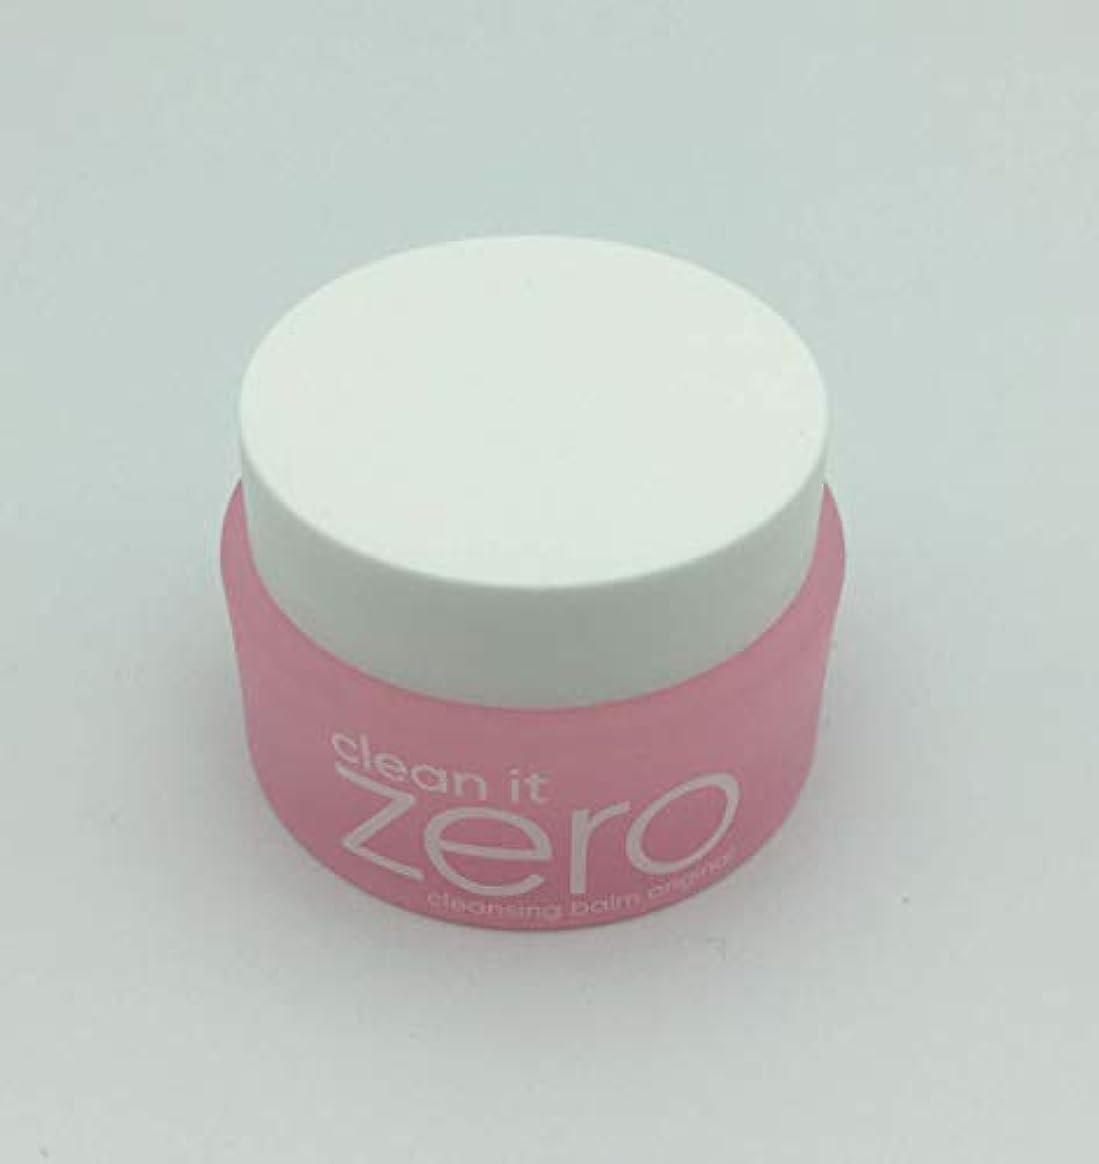 バニラコ クリーン イット ゼロ クレンジング バーム オリジナル 25ml / Clean It Zero Cleansing Balm Original 25ml [並行輸入品]